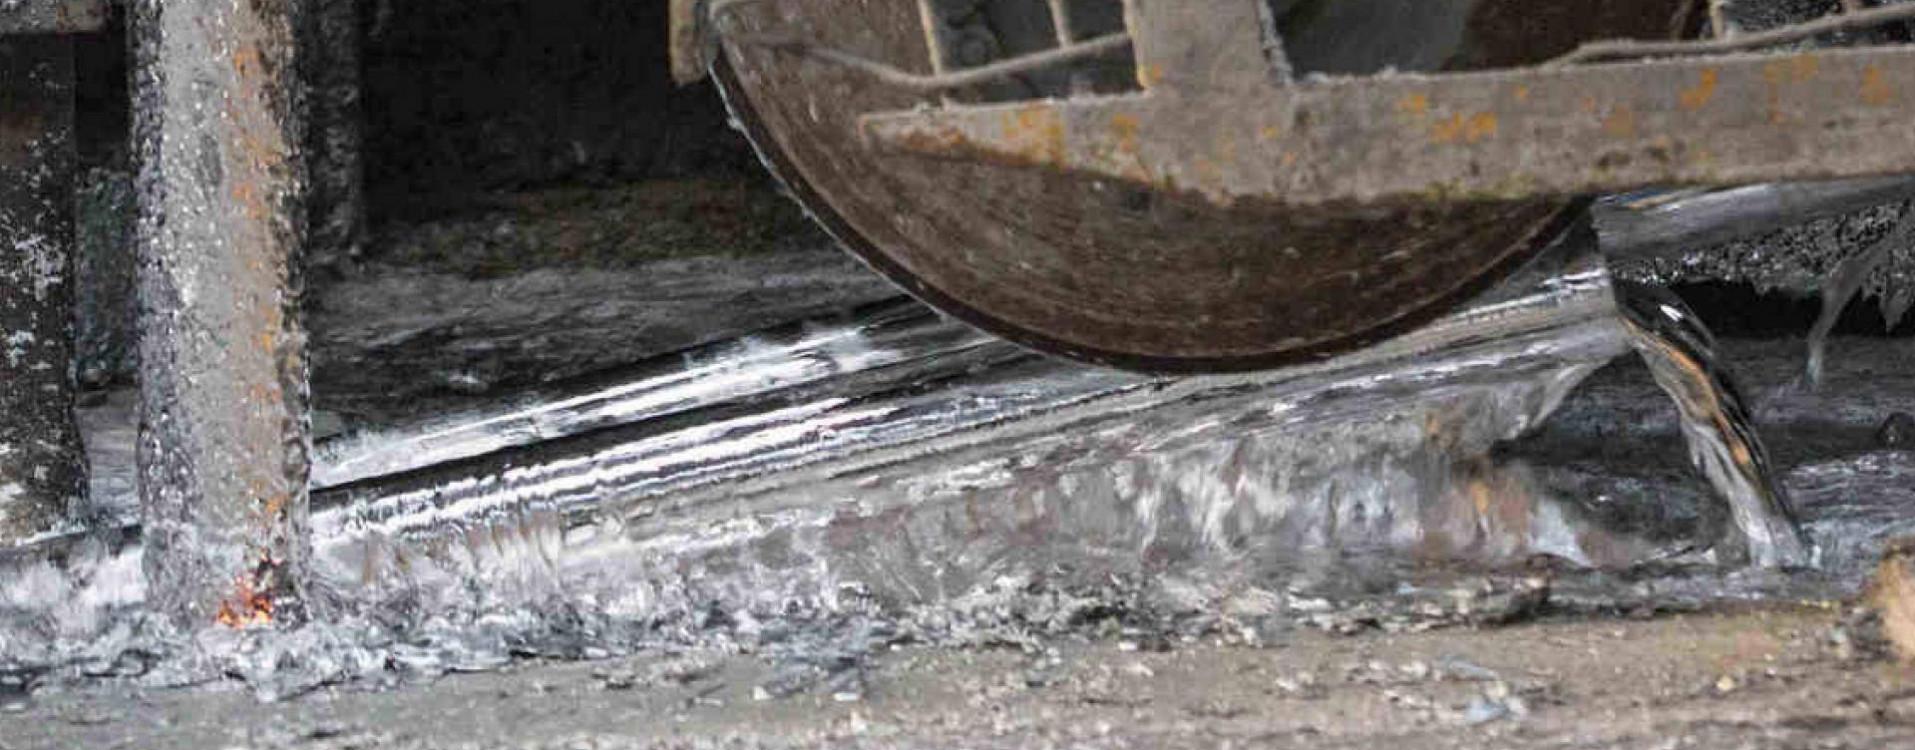 Zincatura a caldo dell'acciaio presso stabilimento di Acciaitubi